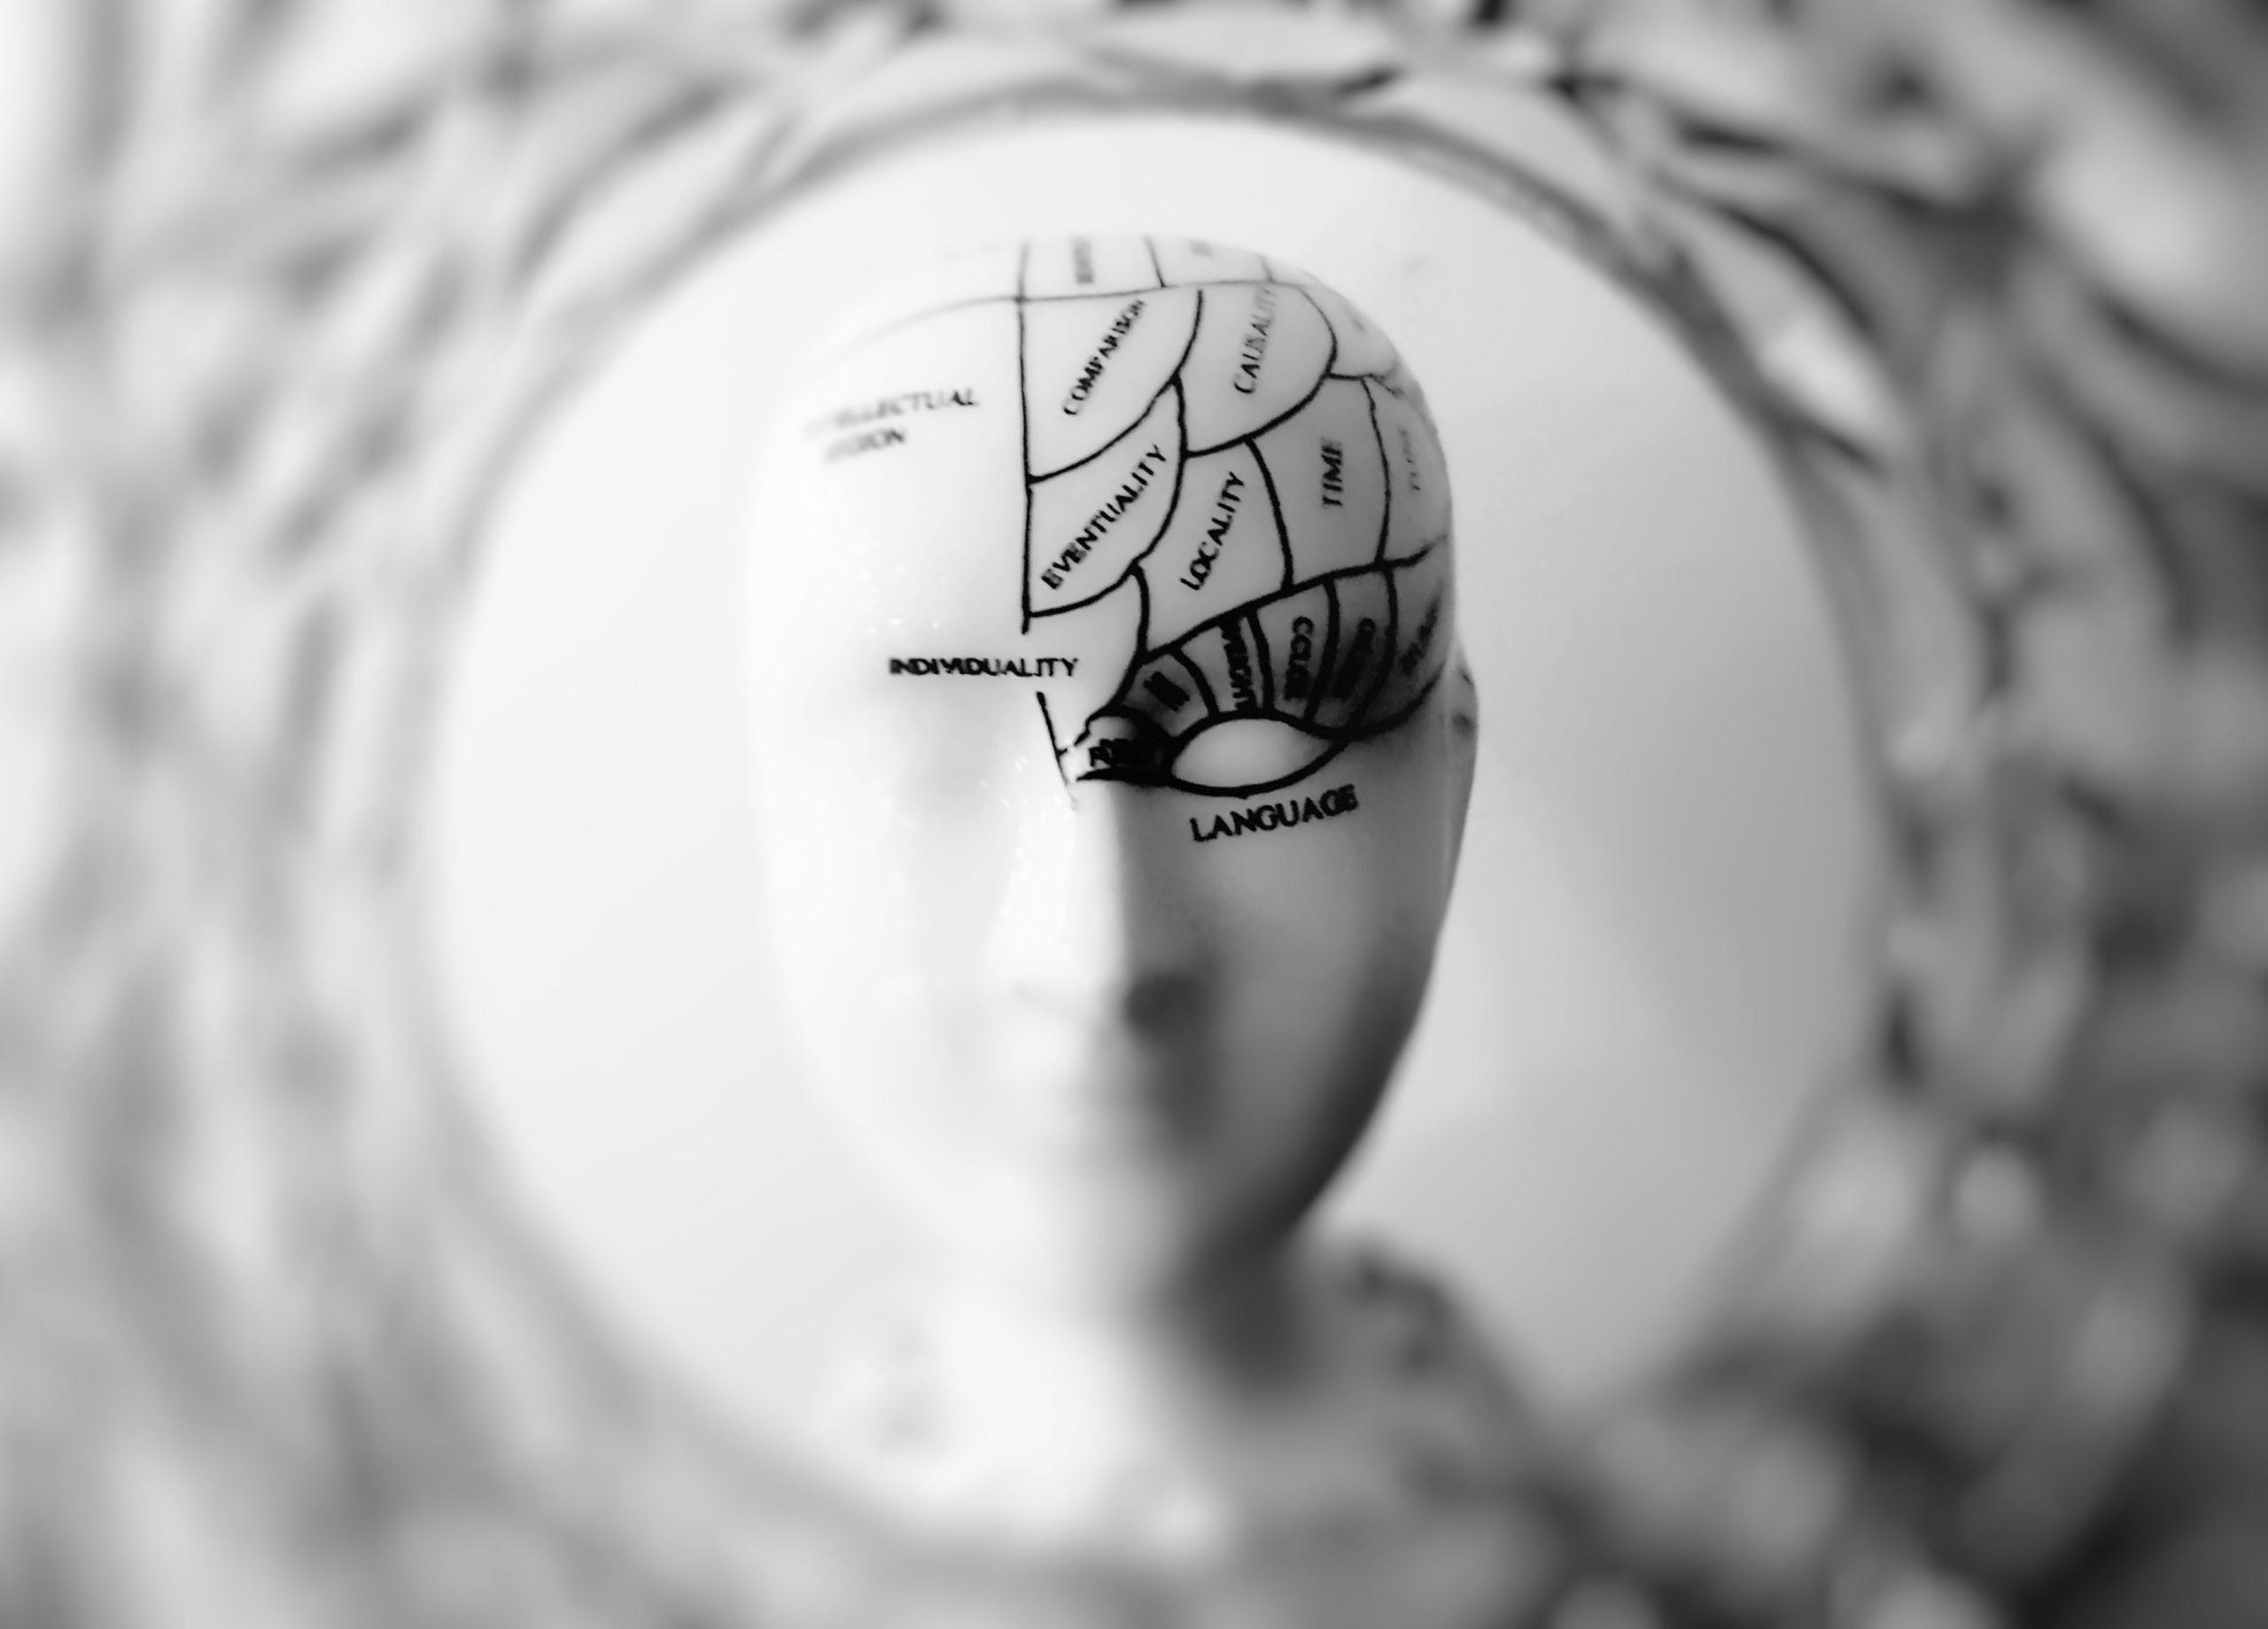 Онлайн лекция Екатерины Гресь «Философия, ставшая мировоззрением, или ментальный ЗОЖ от Сенеки, Эпиктета и Марка Аврелия»